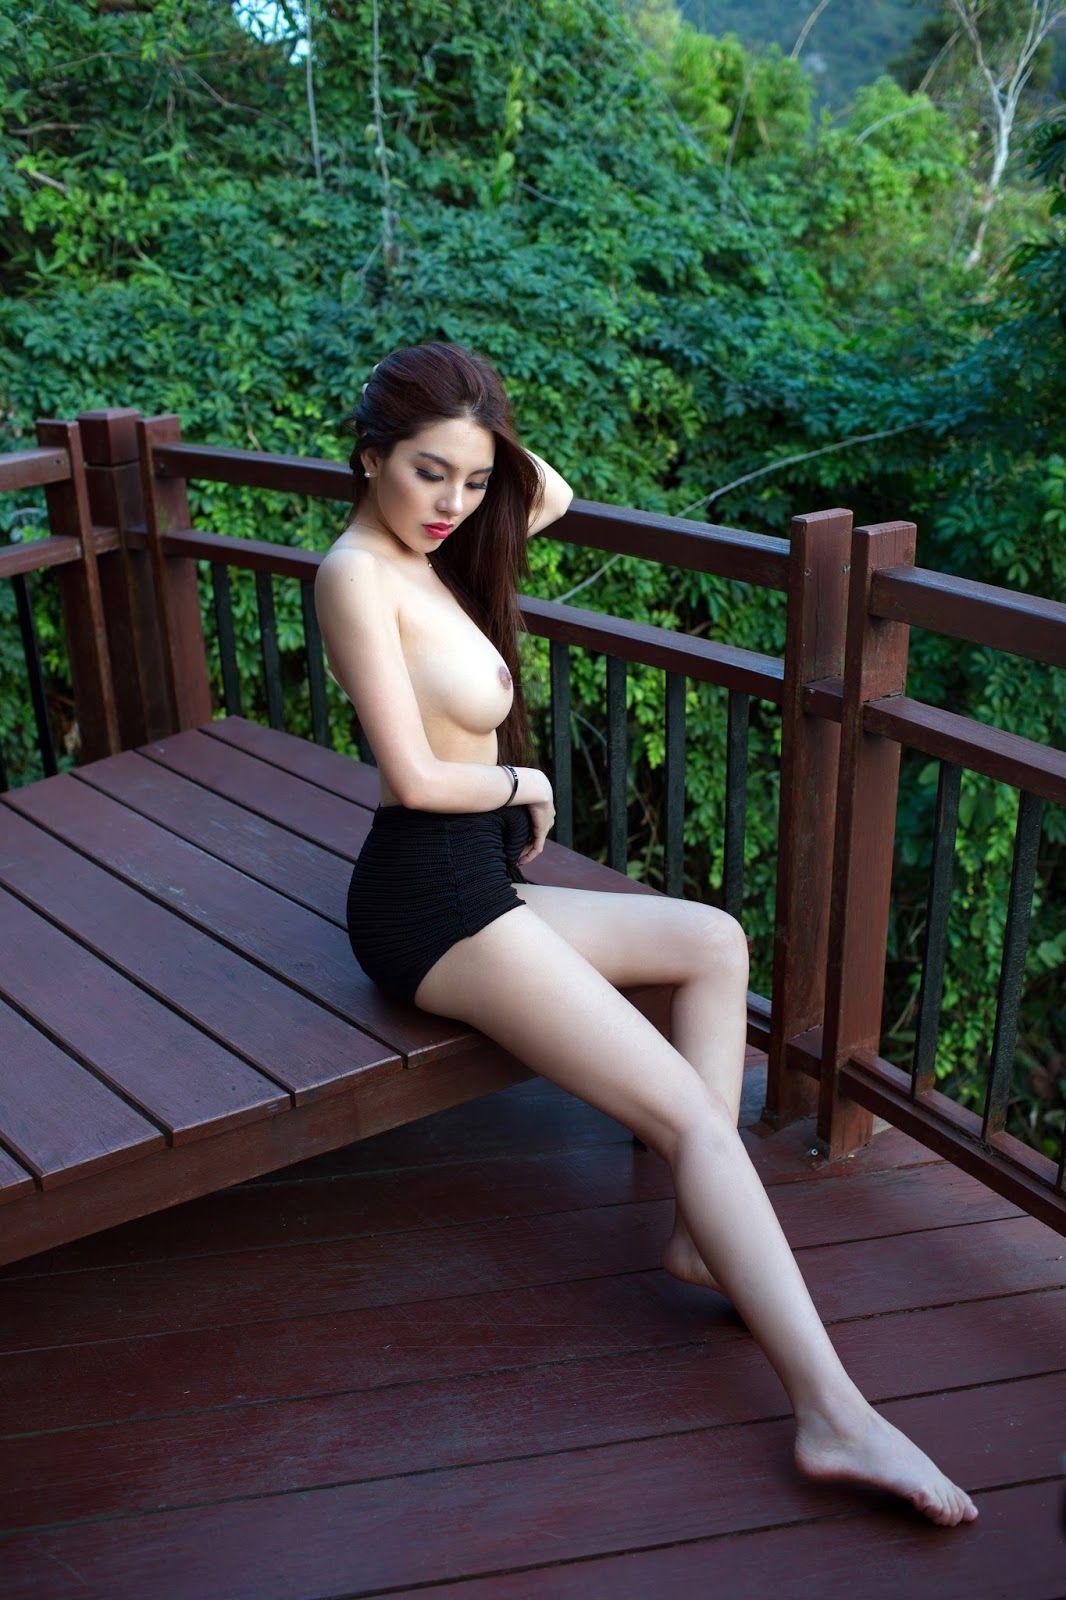 Sex asian denver nude naked women